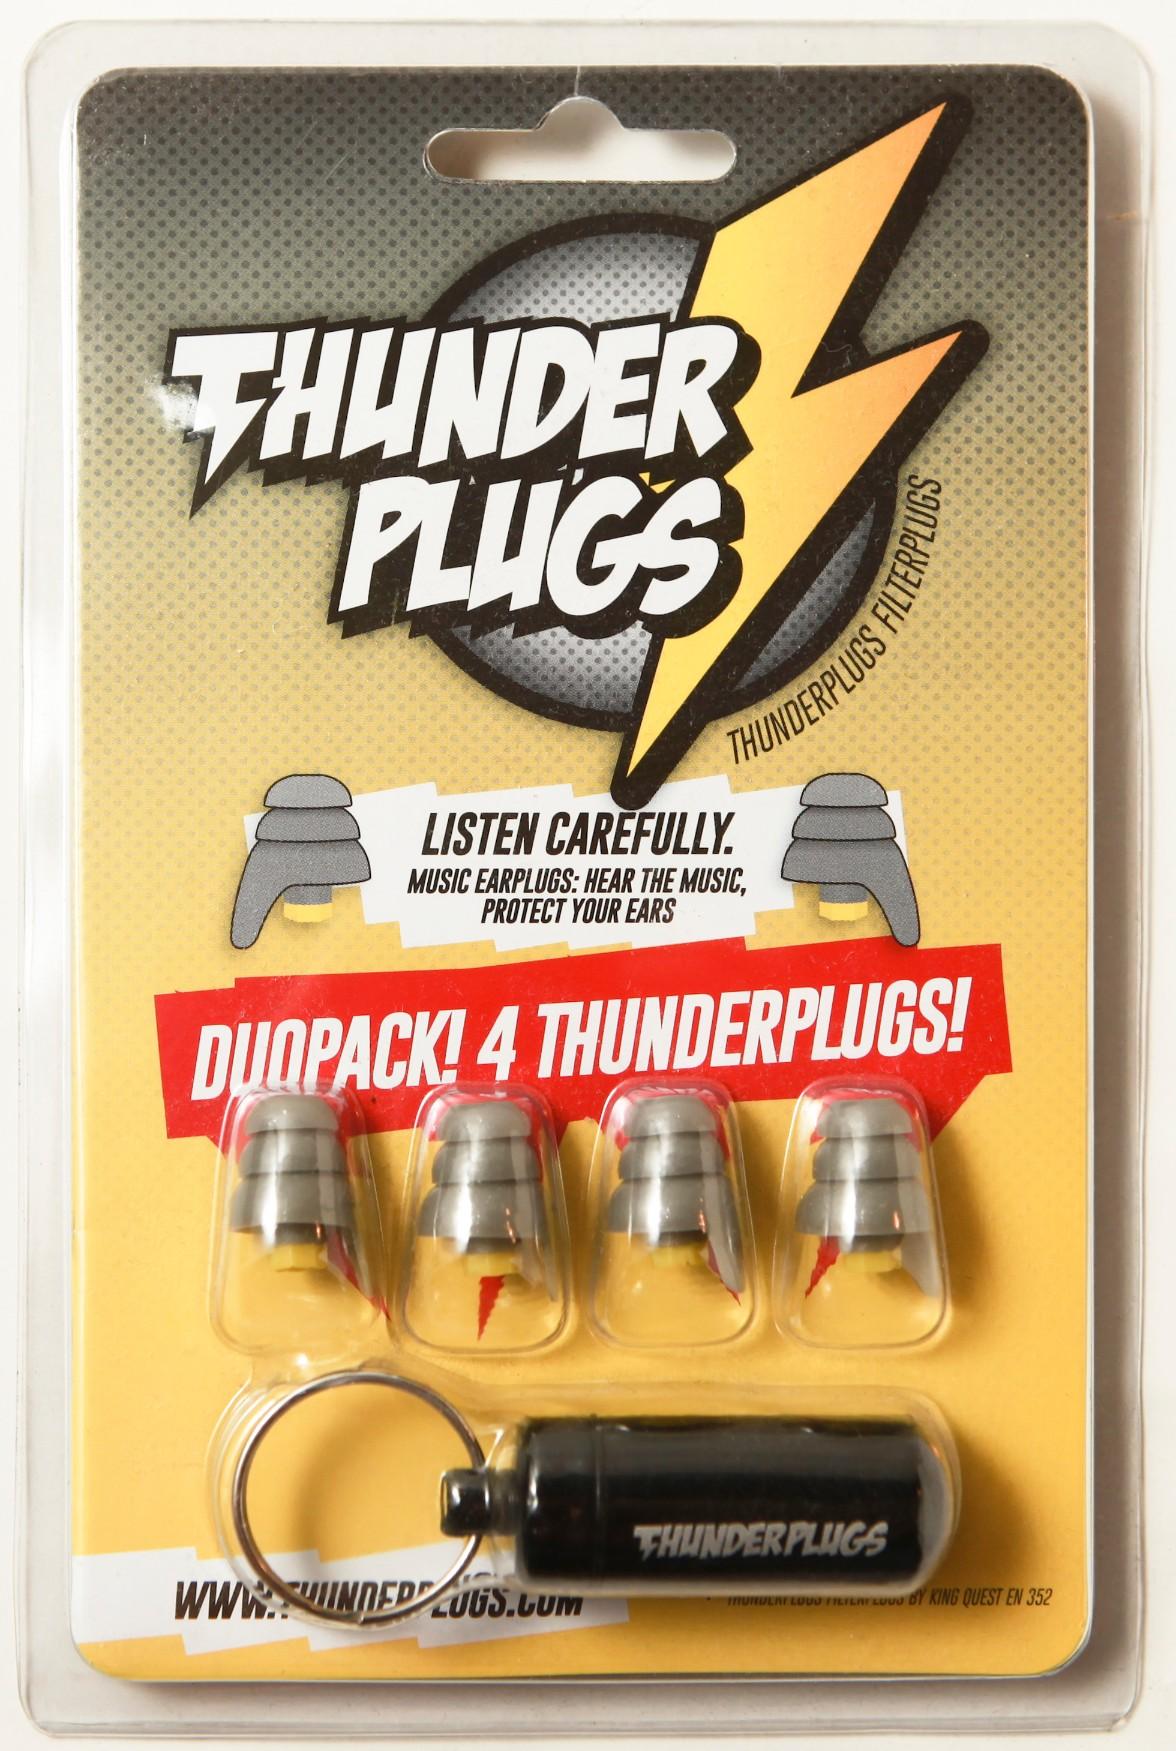 荷蘭 Thunderplugs 專業音樂降躁耳塞21